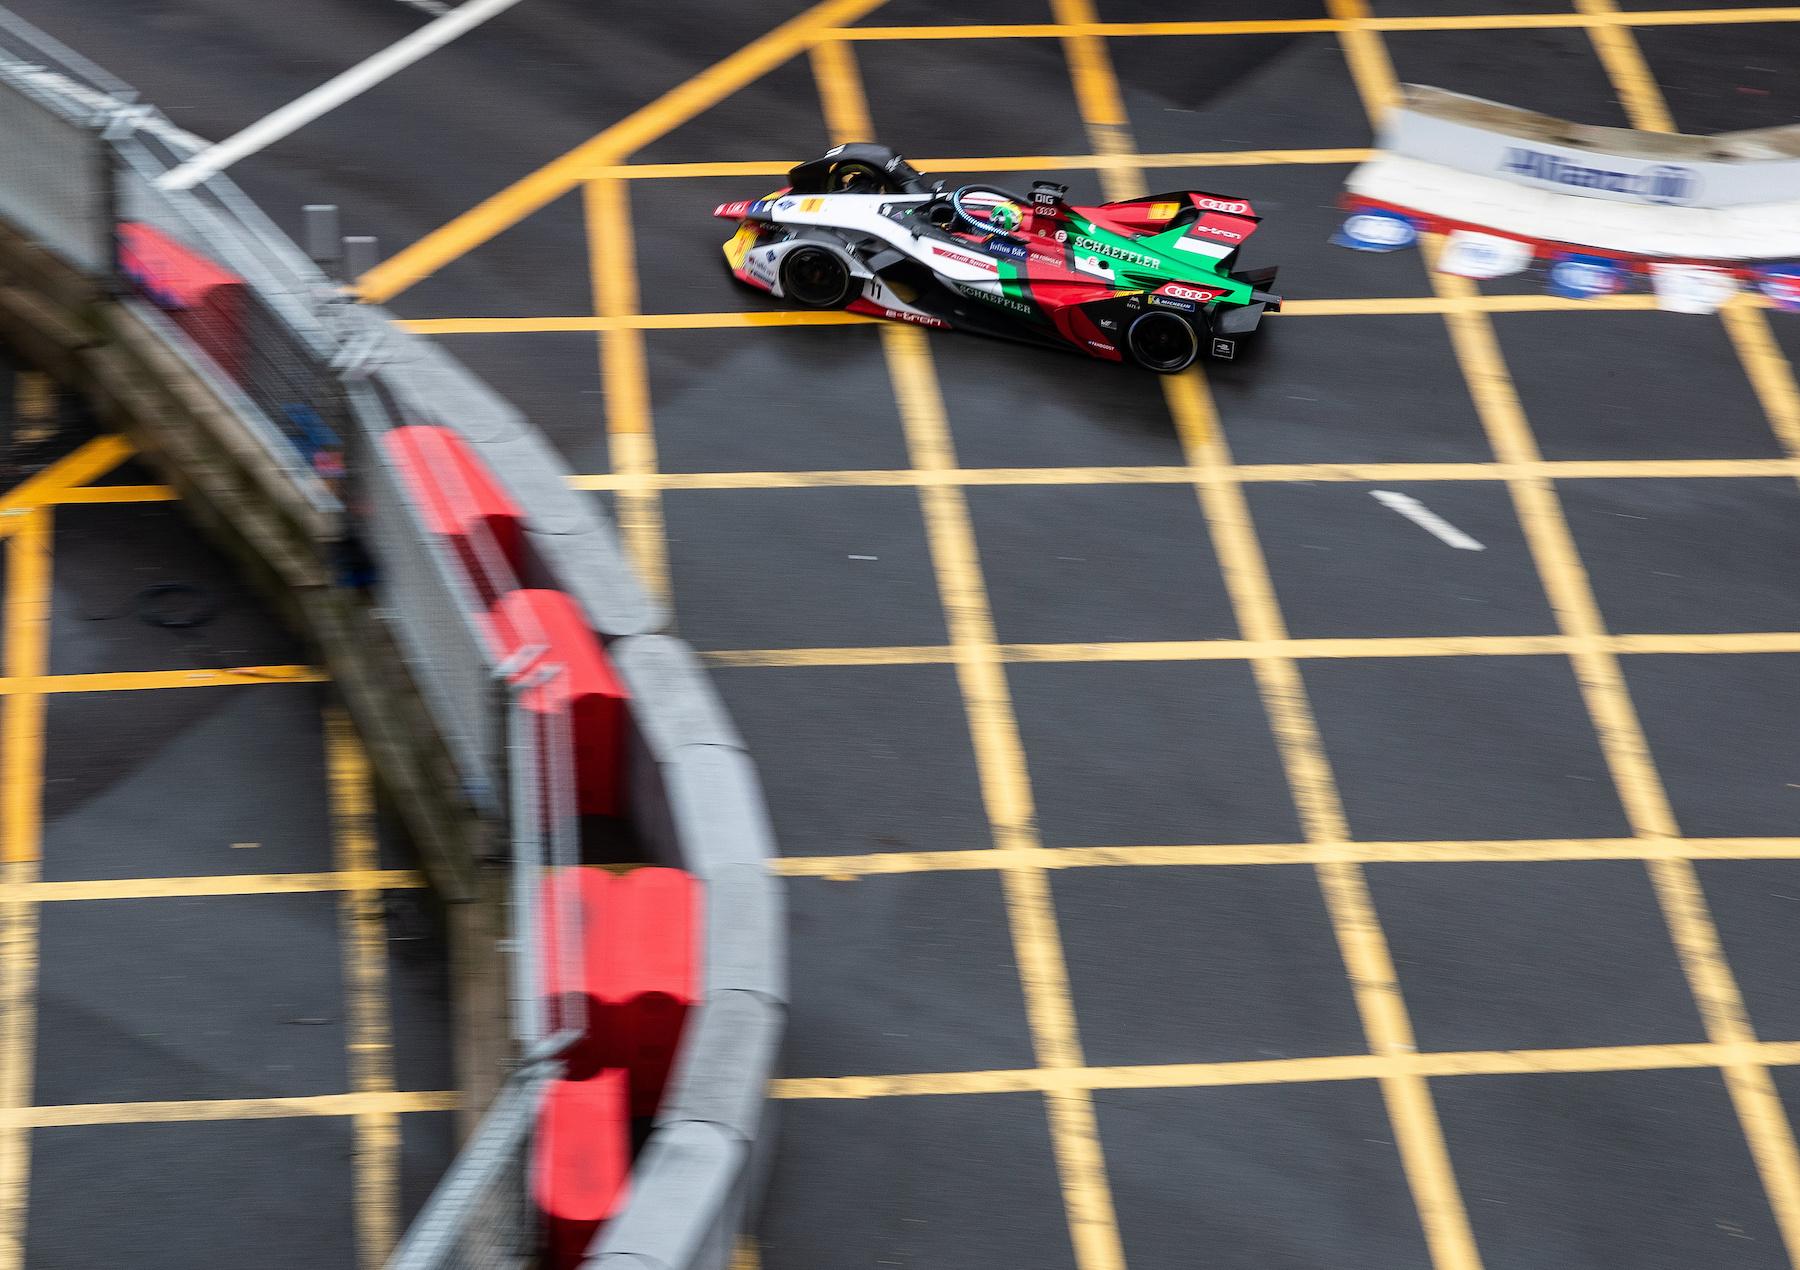 Nella stagione in corso i piloti possono aumentare ulteriormente la potenza allontanandosi dalla linea ideale. (Audi Communications Motorsport/Michael Kunkel)